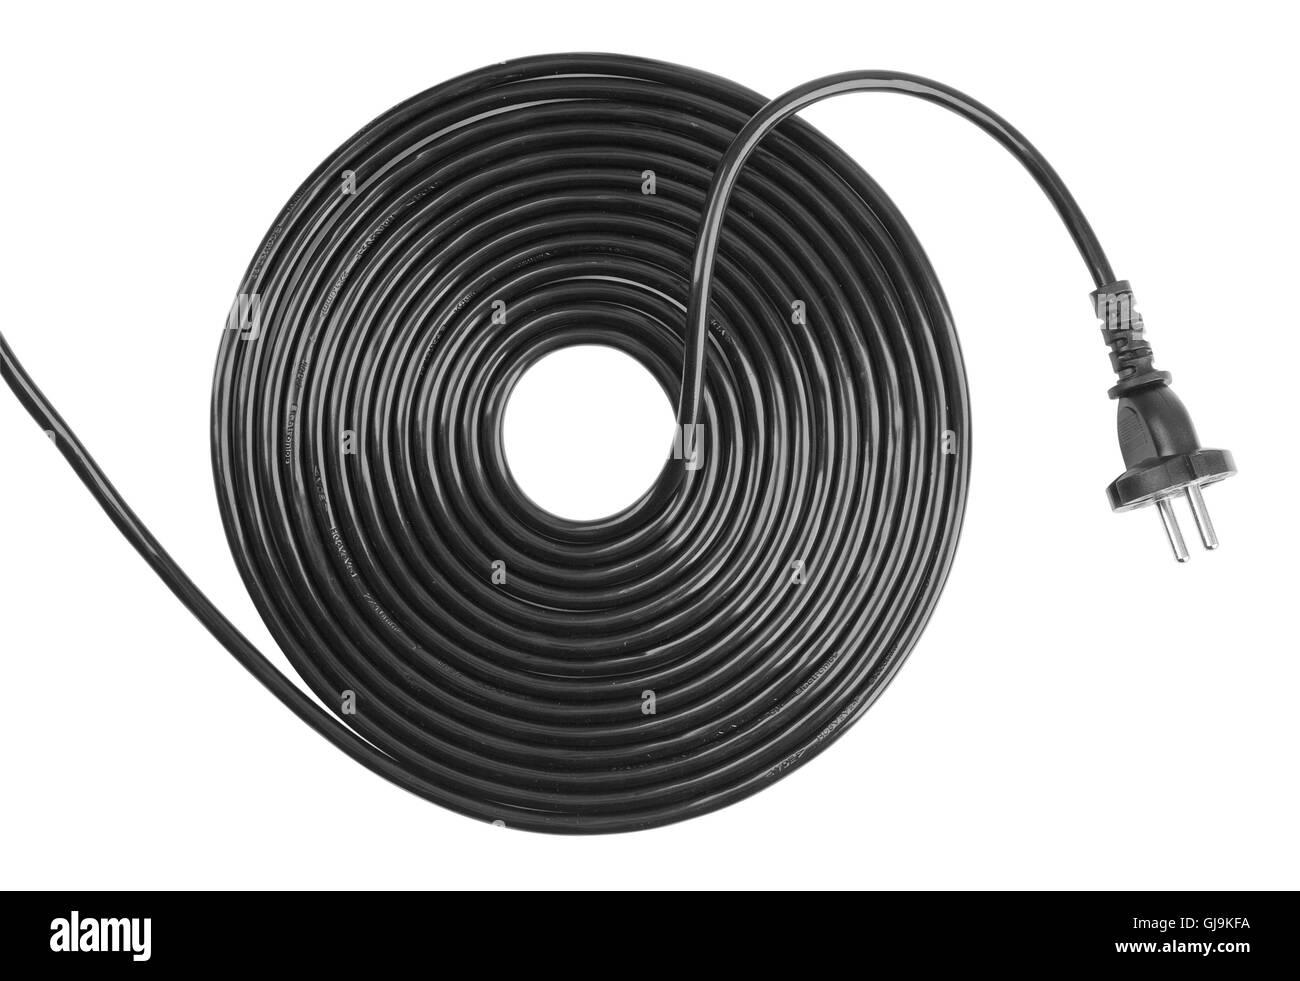 Twisted Wire Stockfotos & Twisted Wire Bilder - Alamy